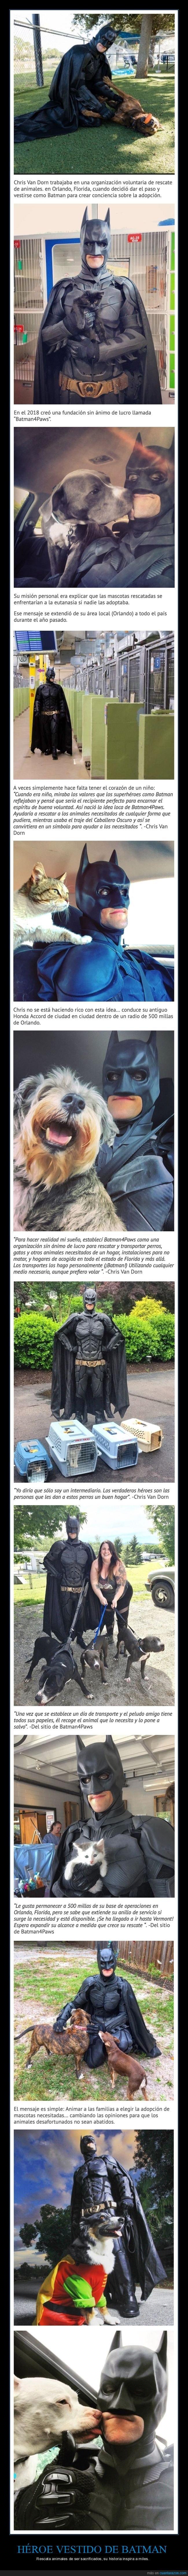 animales,batman,eutanasia,héroe